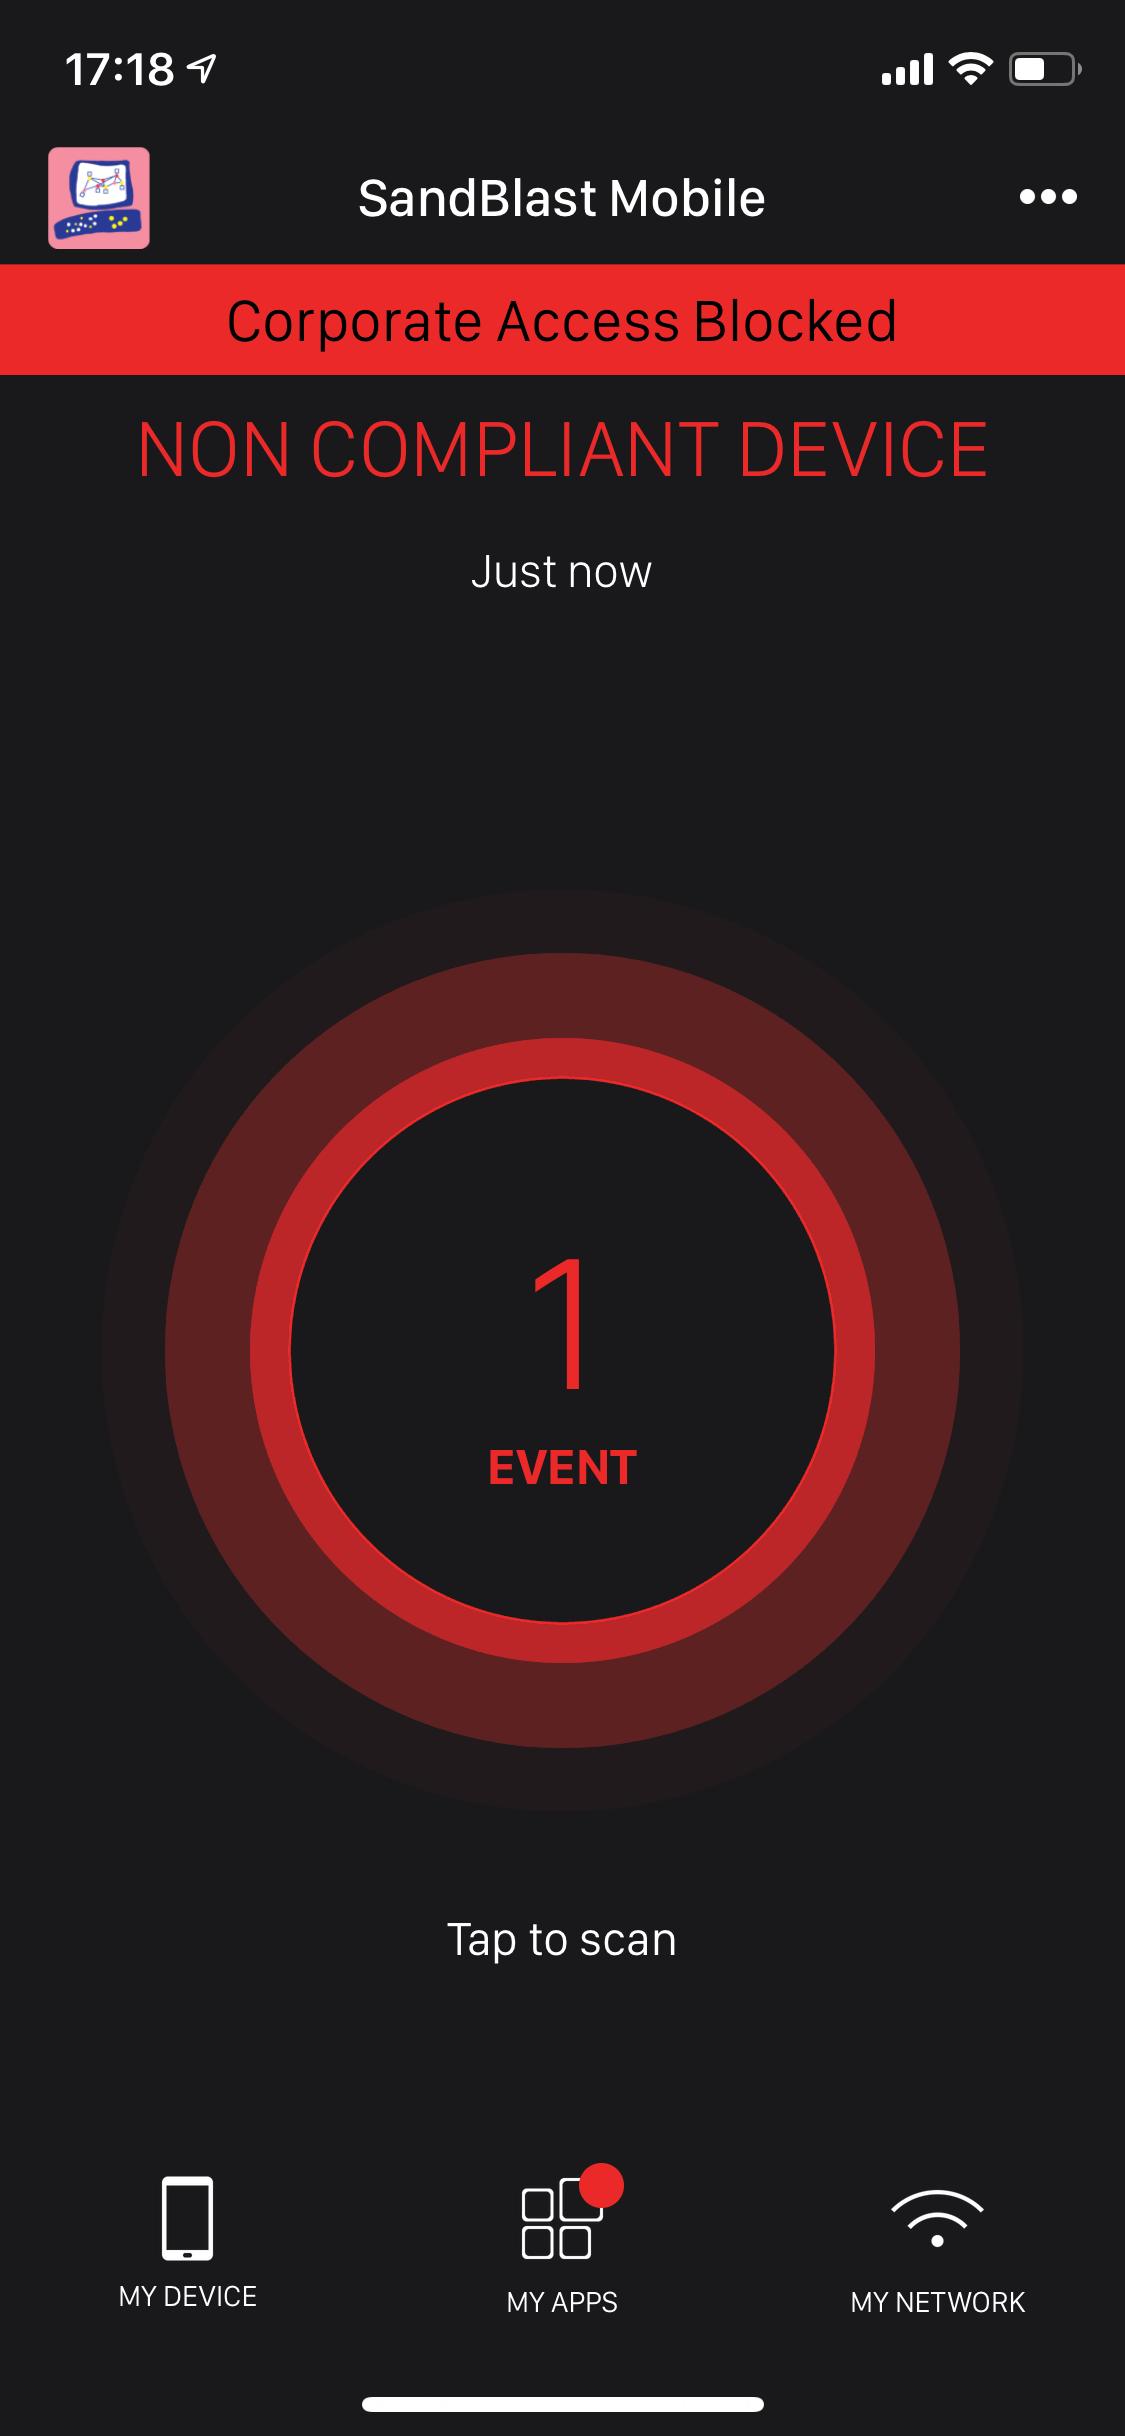 Рисунок 20. Сведения о событии безопасности в Check Point SandBlast Mobile на мобильном устройстве